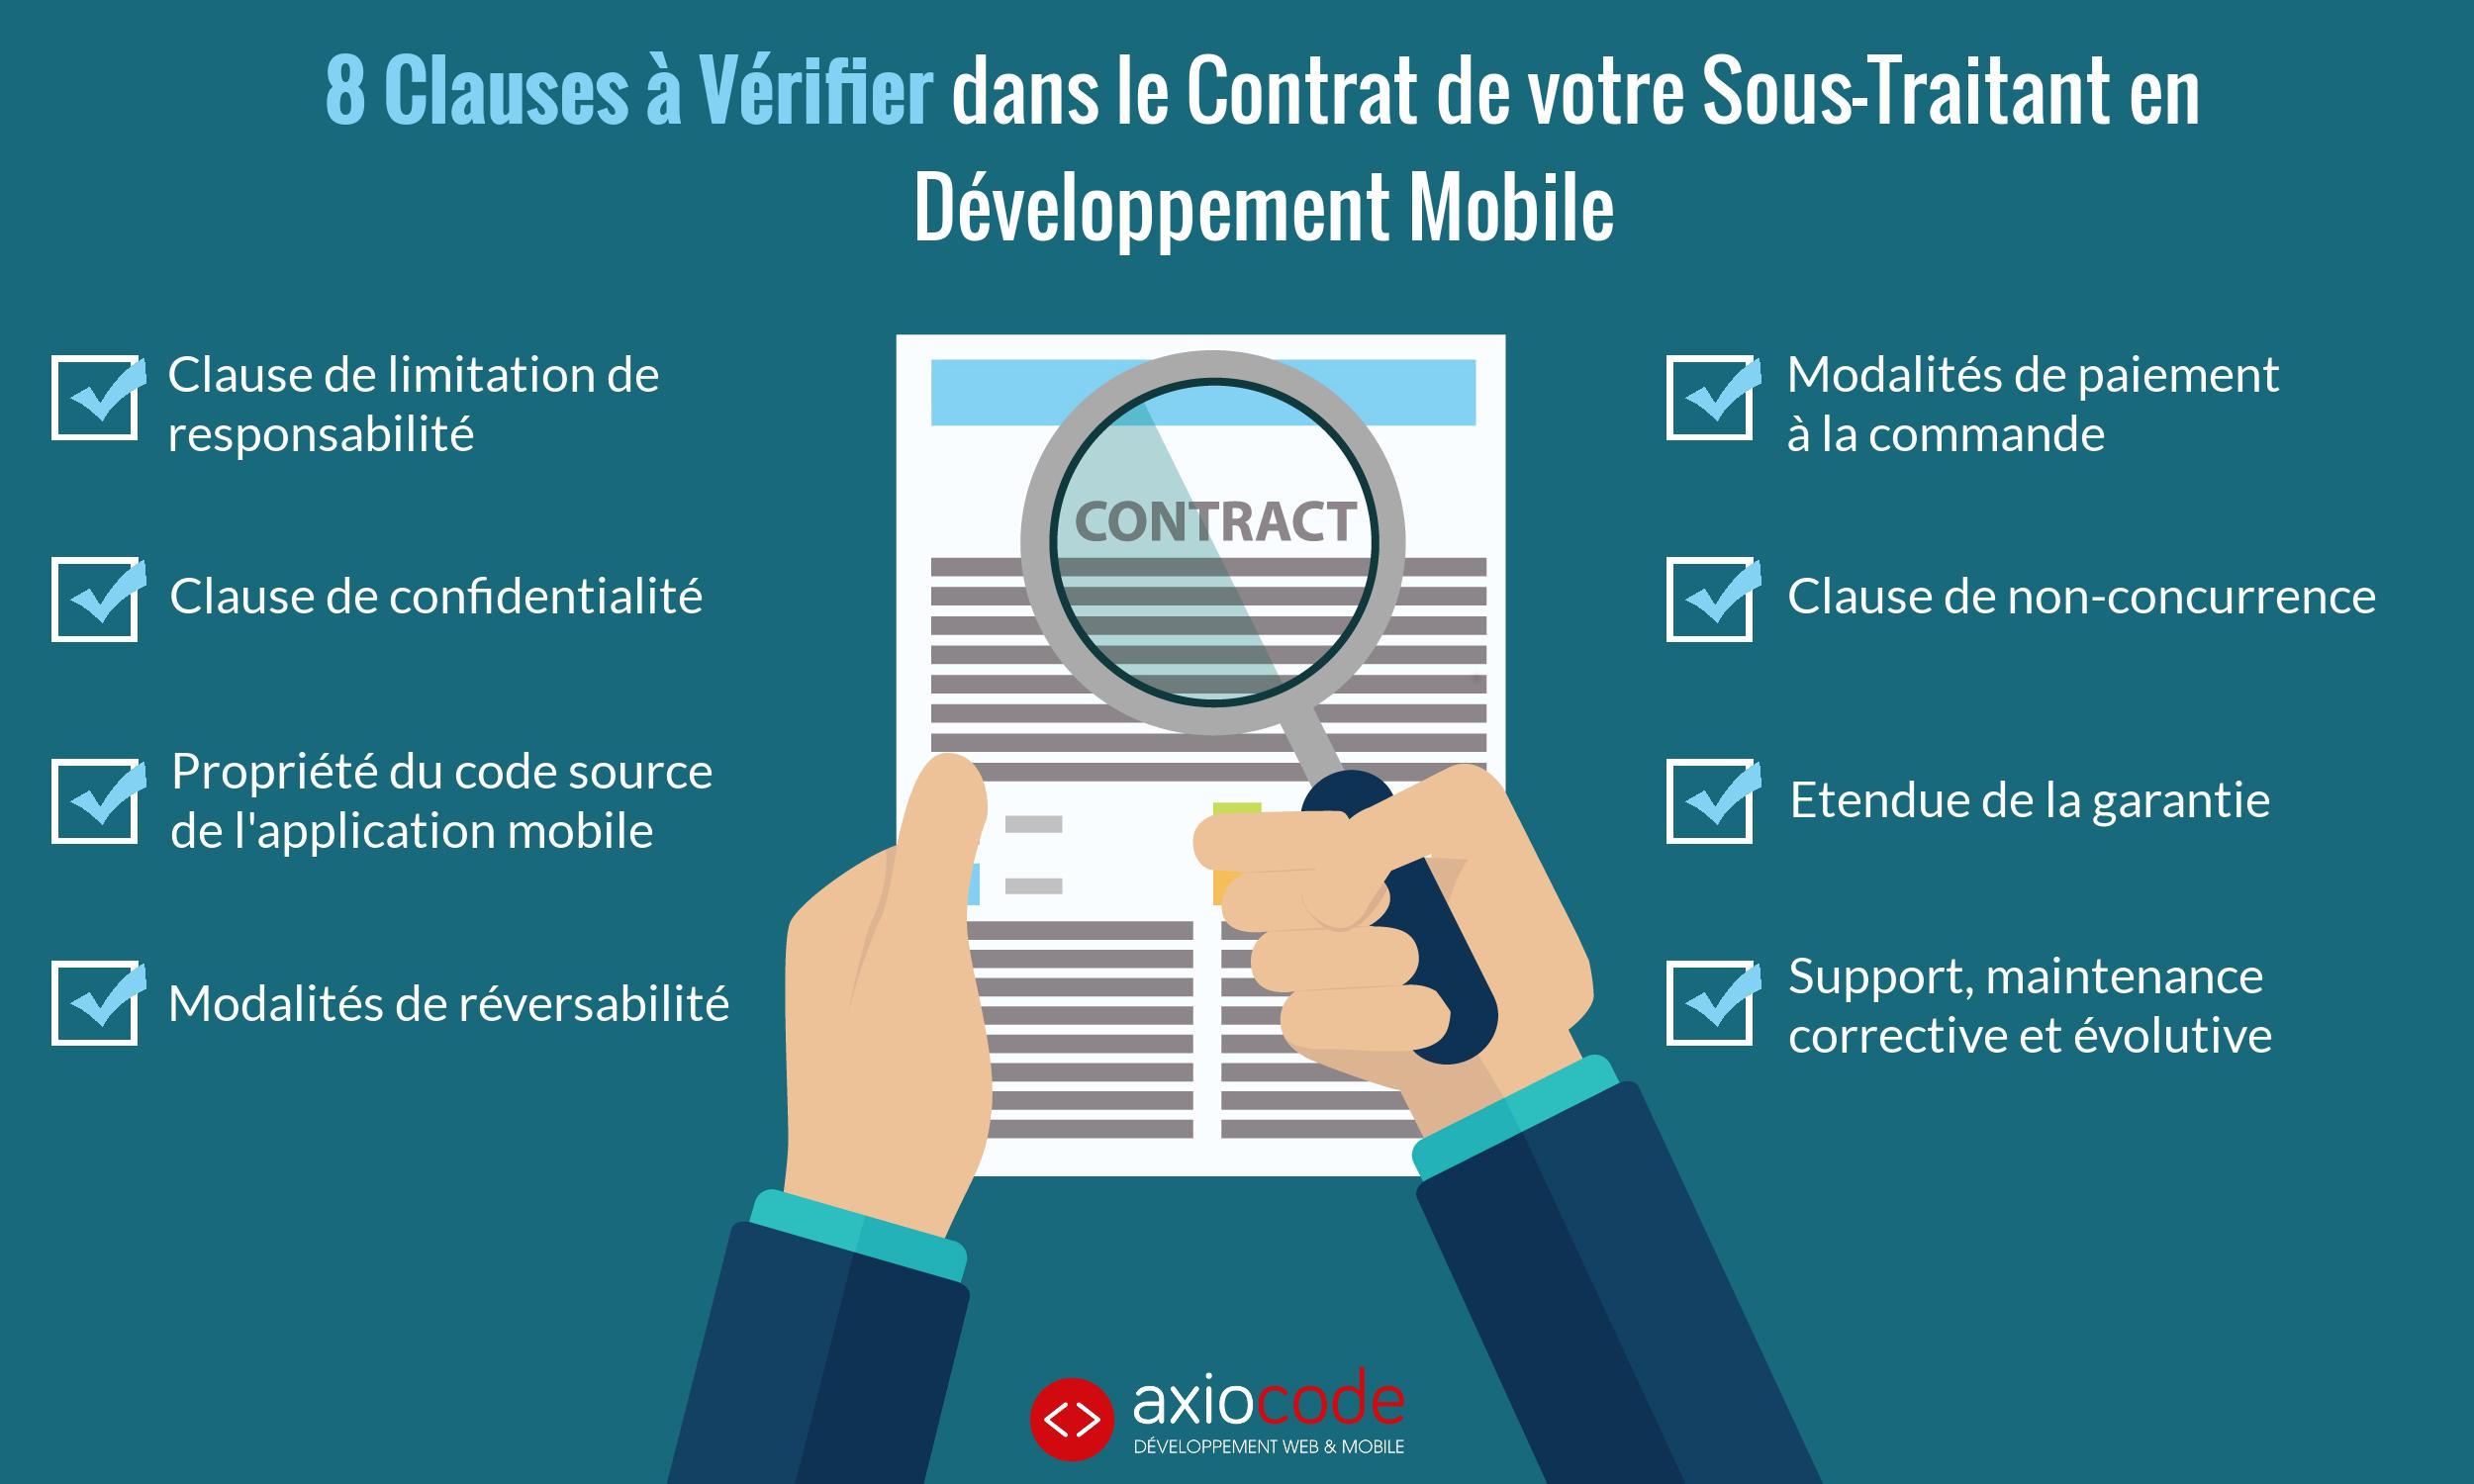 sous-traitance-clauses-securite-contrat